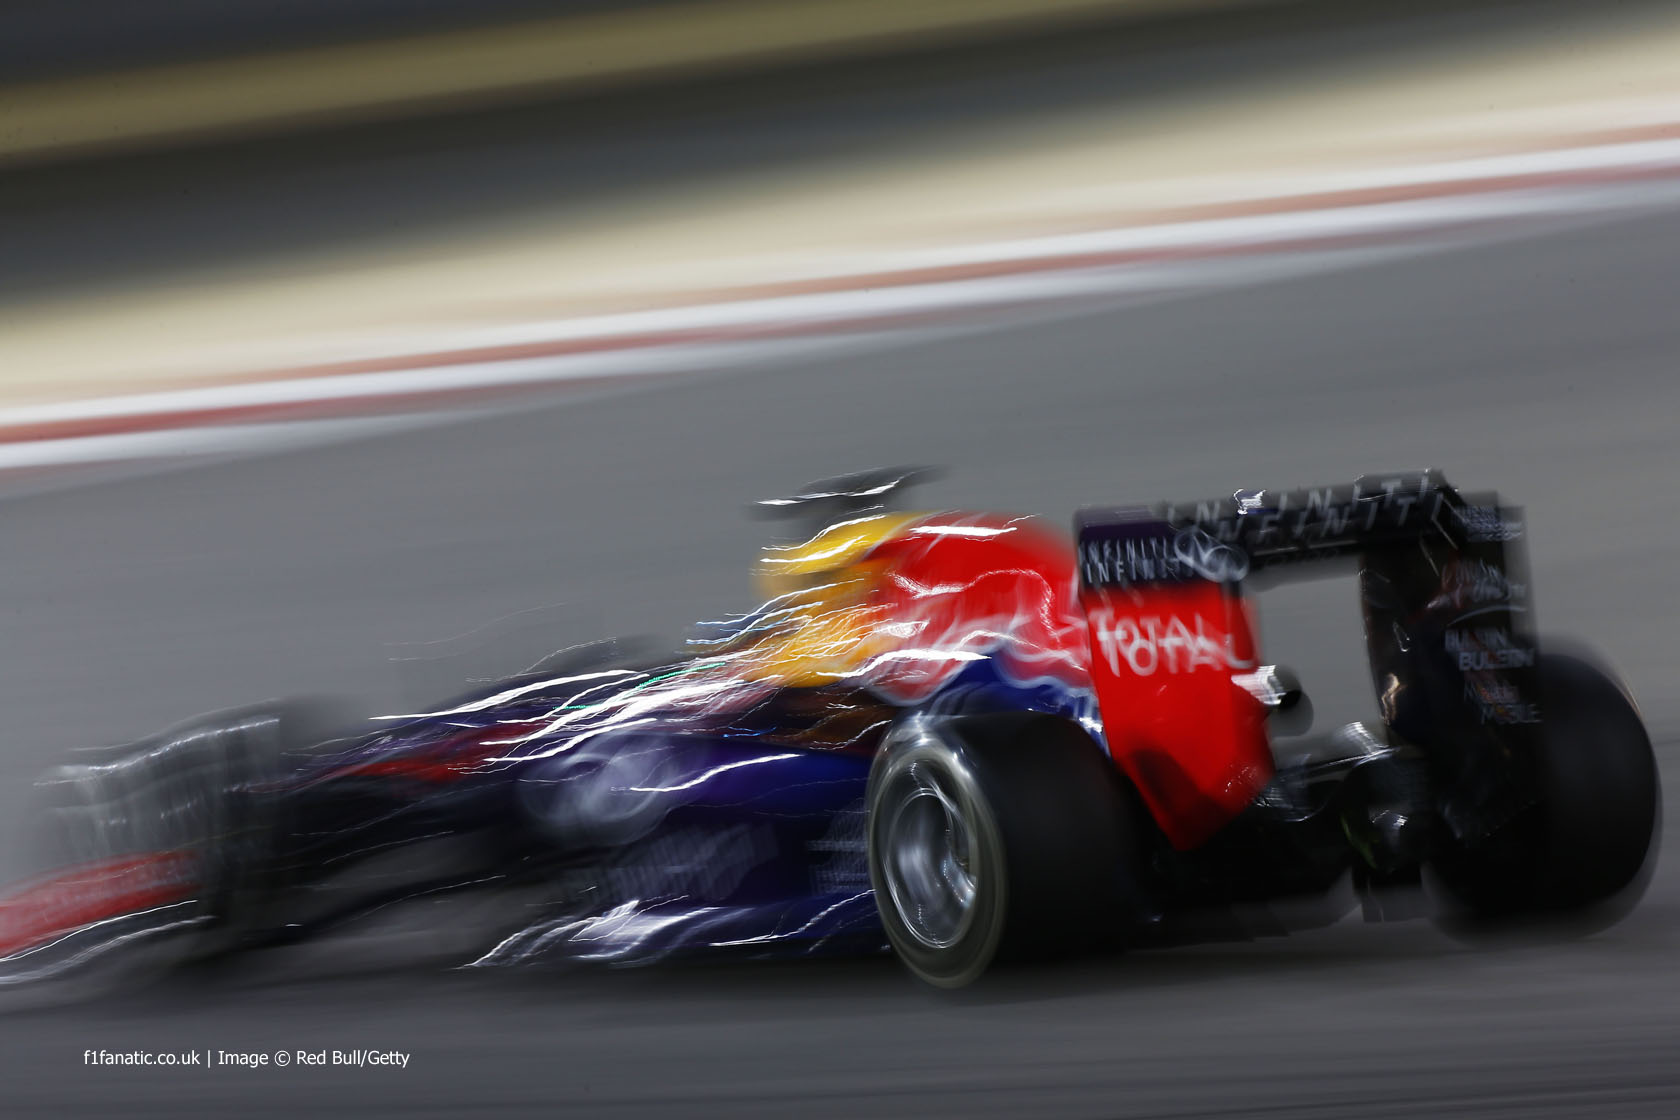 Sebastian Vettel, Red Bull, Bahrain International Circuit, 2014